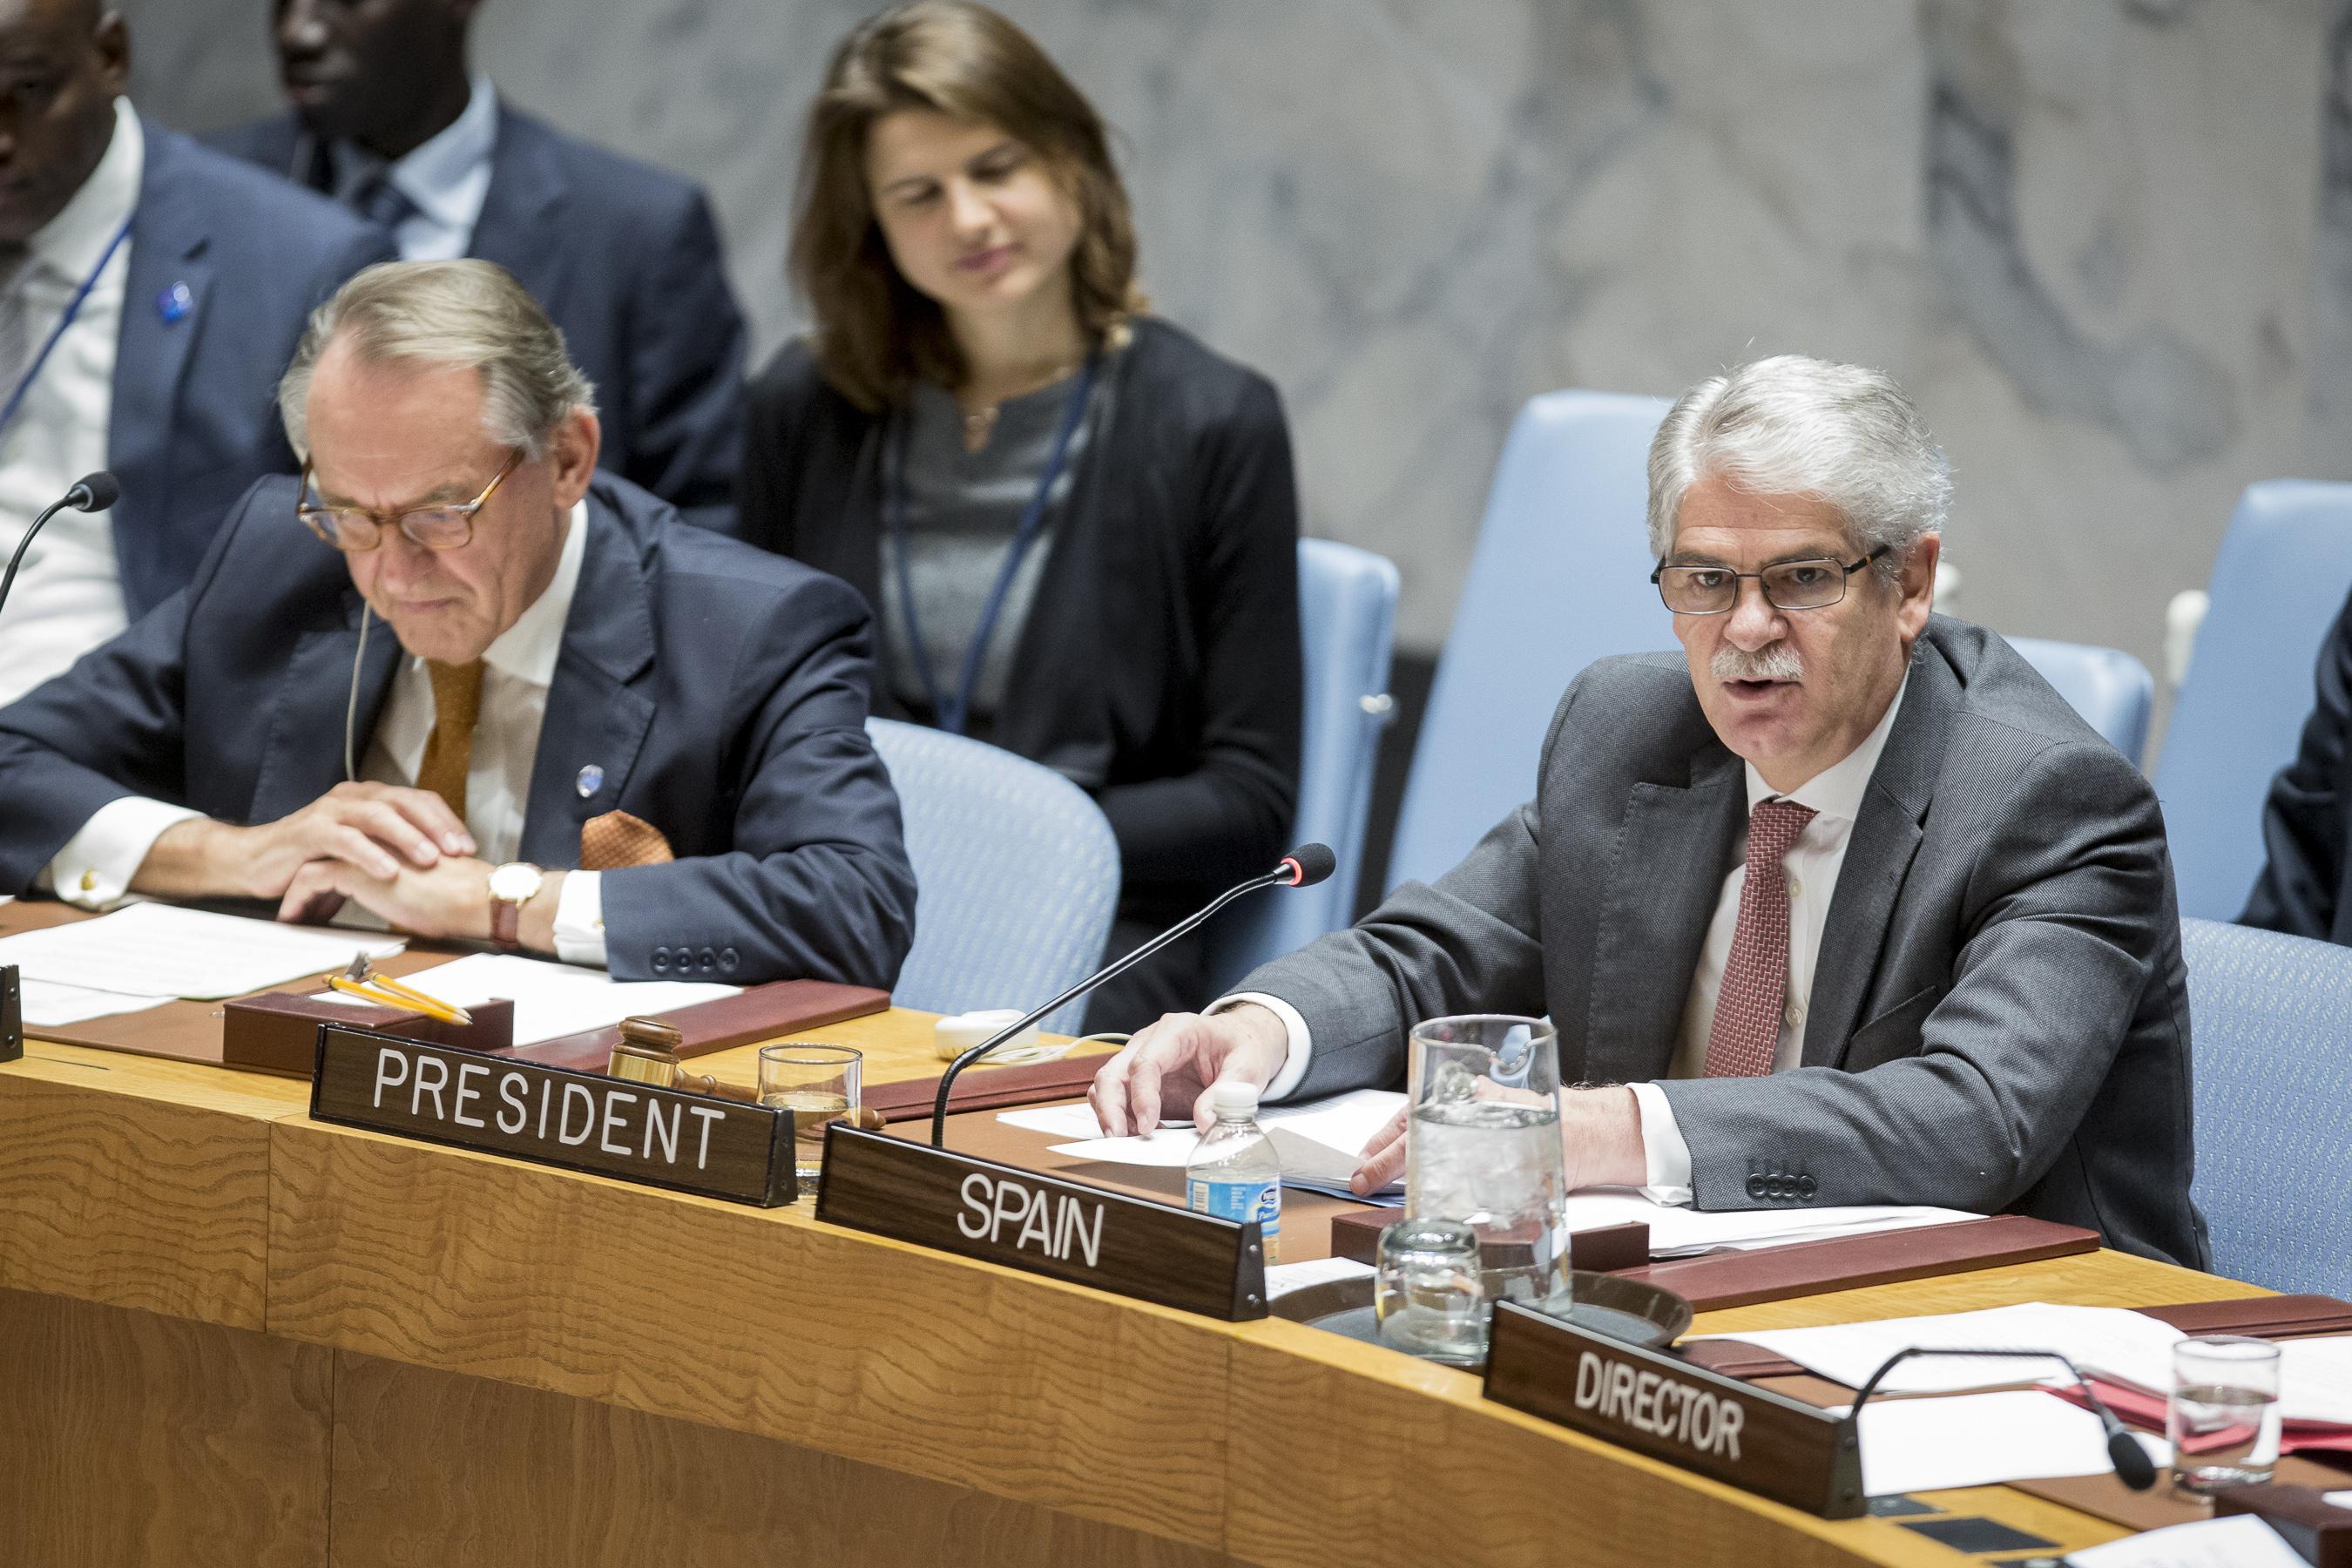 Intervención del ministro de Asuntos Exteriores en debate del CS sobre No Proliferación de Armas de Destrucción Masiva